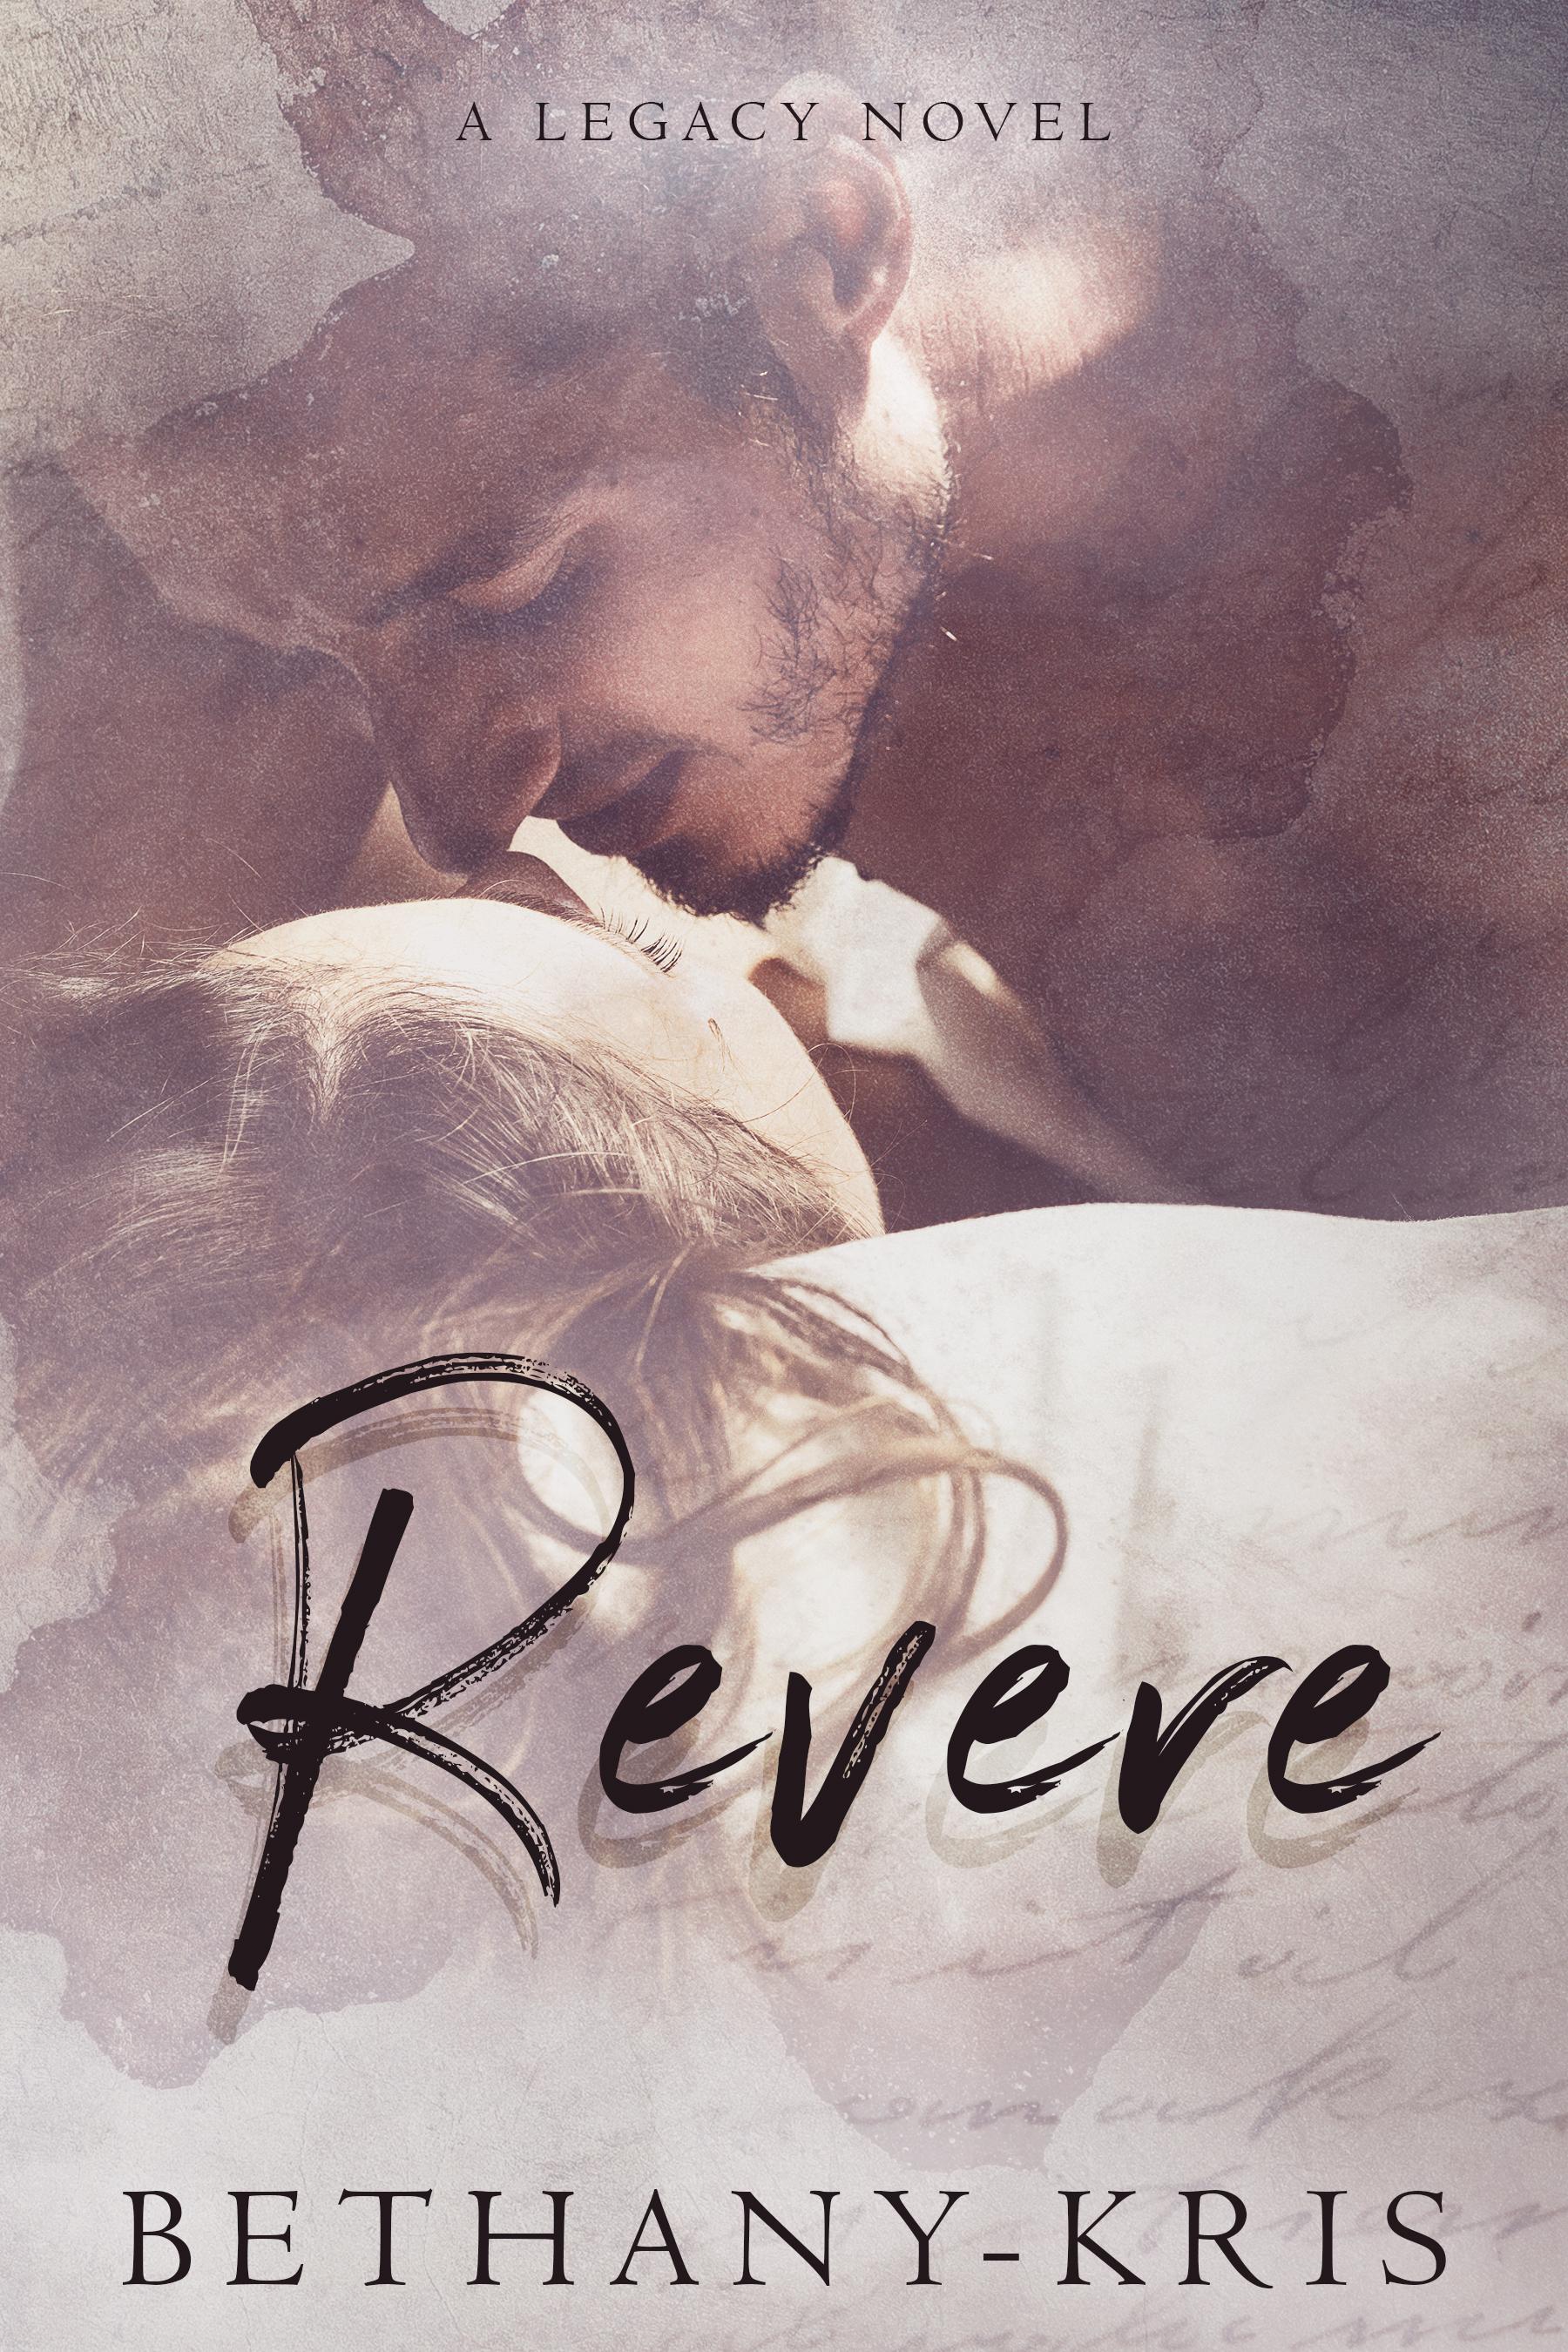 Bethany-Kris - Cross + Catherine 2 - Revere